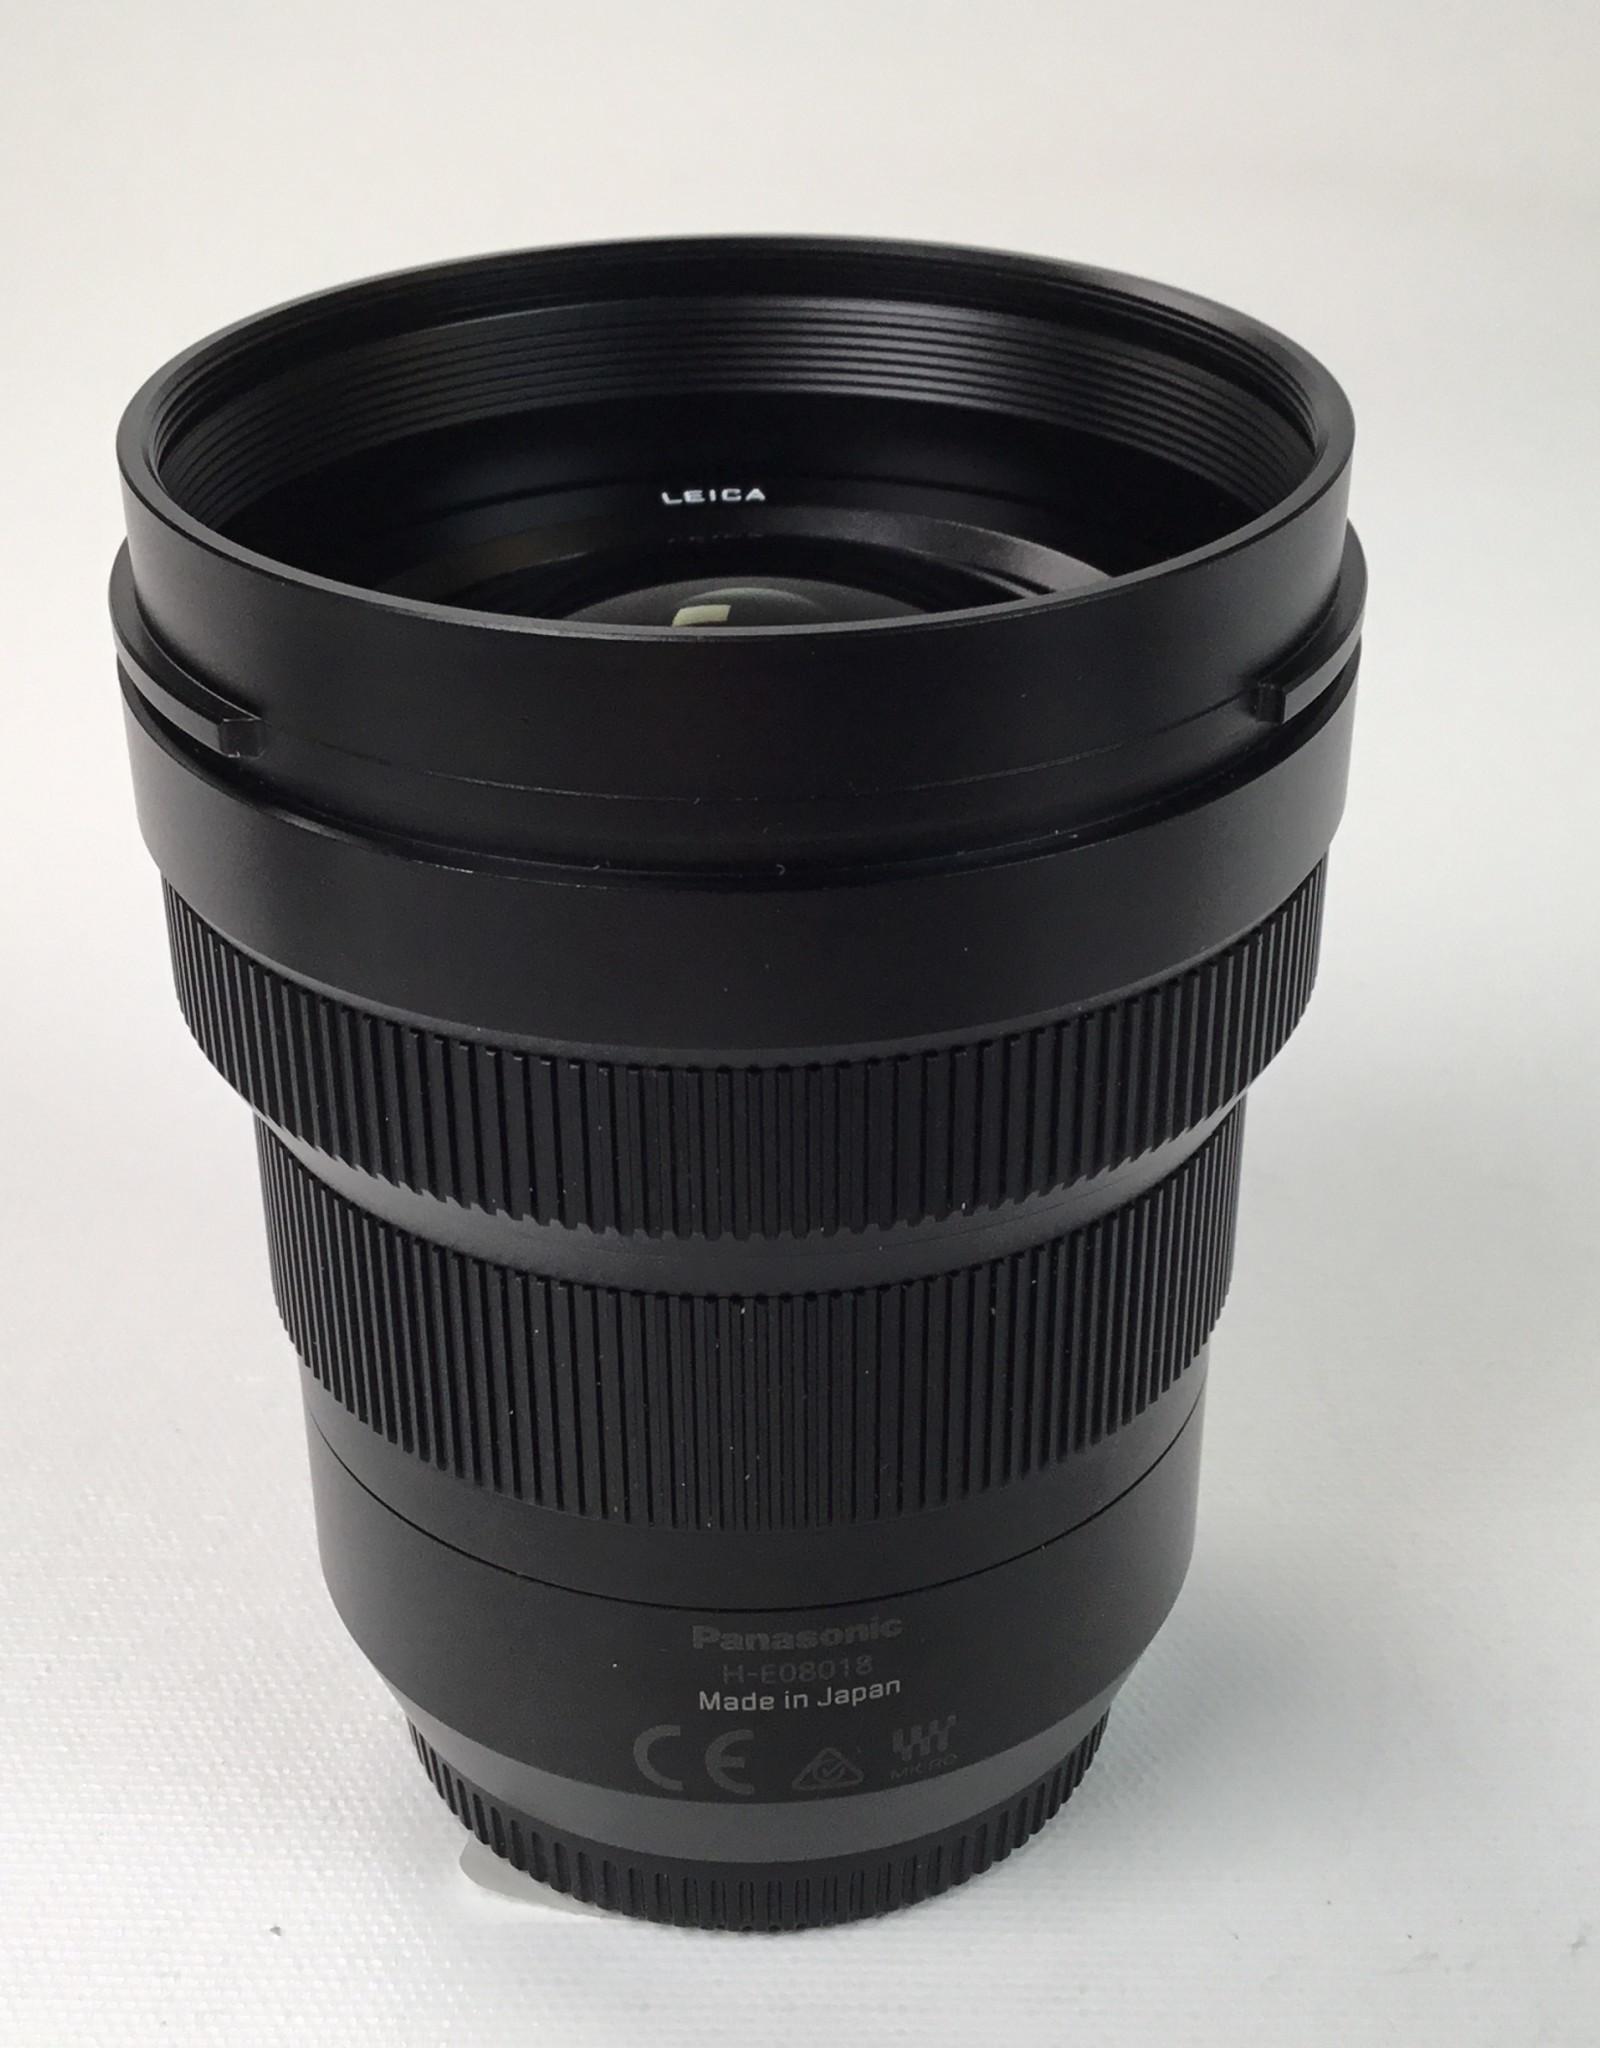 Leica Panasonic Lumix G Leica DG Vario-Elmait 8-18mm F/2.8-4 Aspherical ED Lens Used EX+